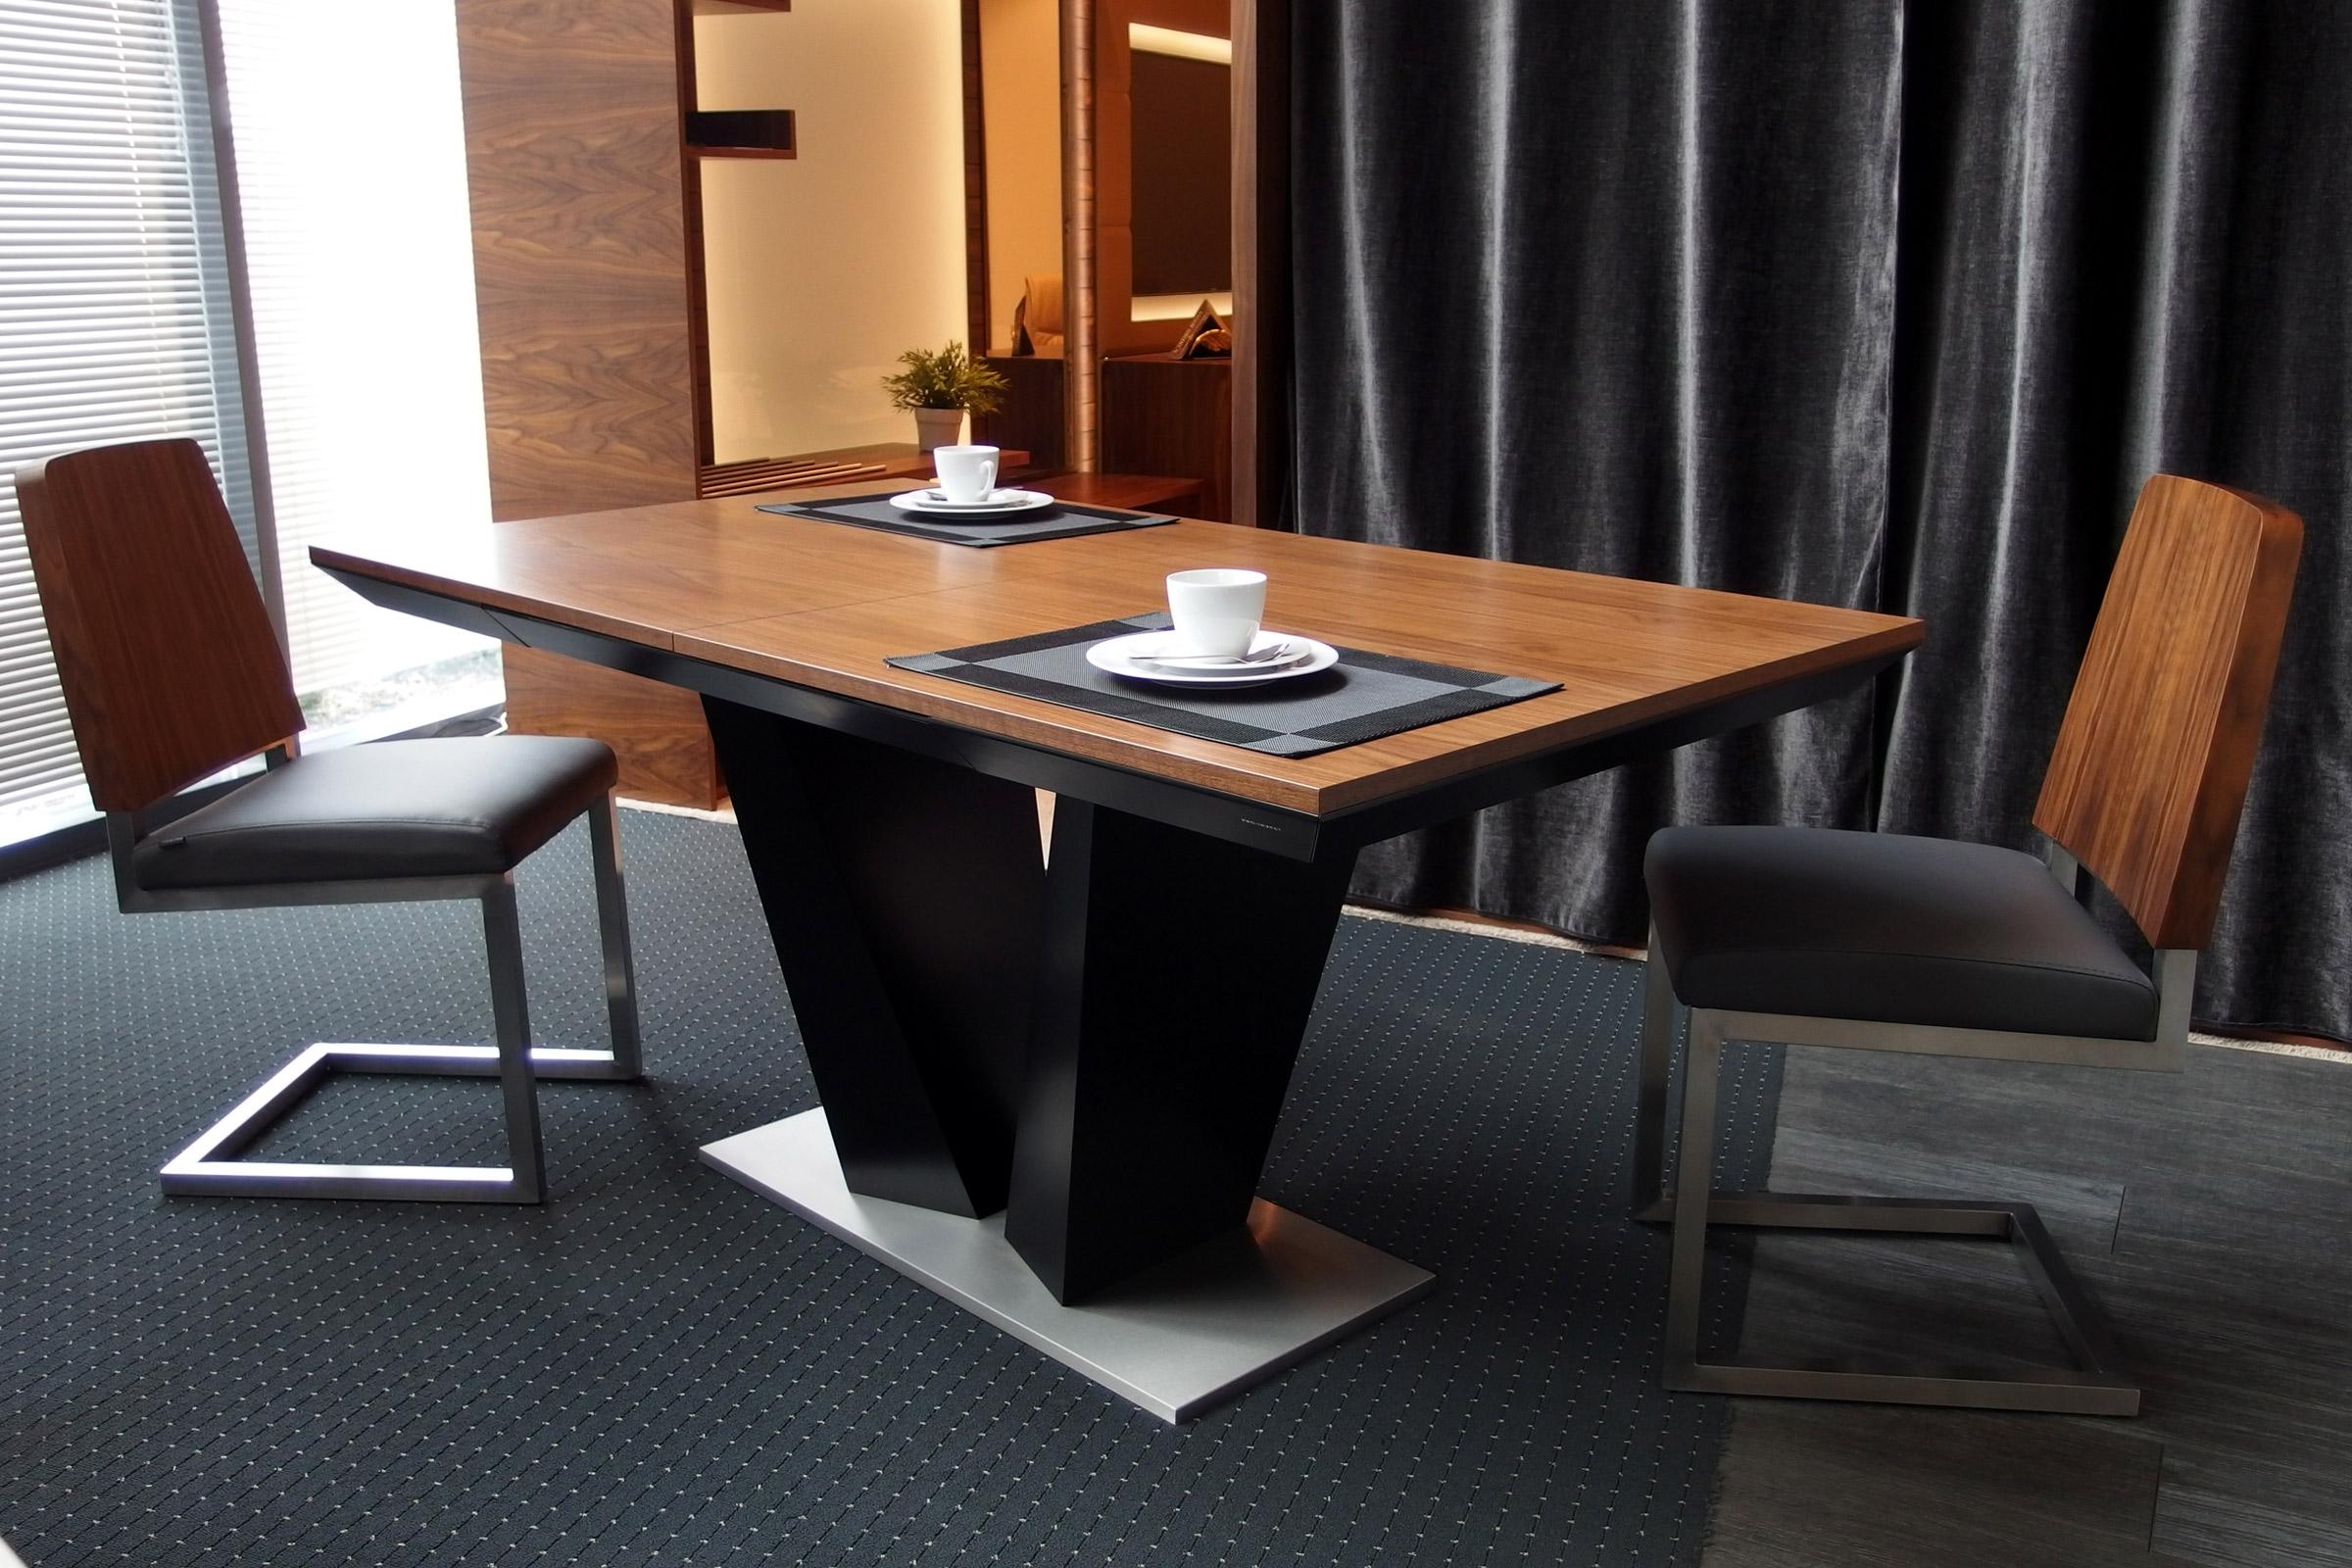 Stół IMPACT-SYNCHRONIC RB